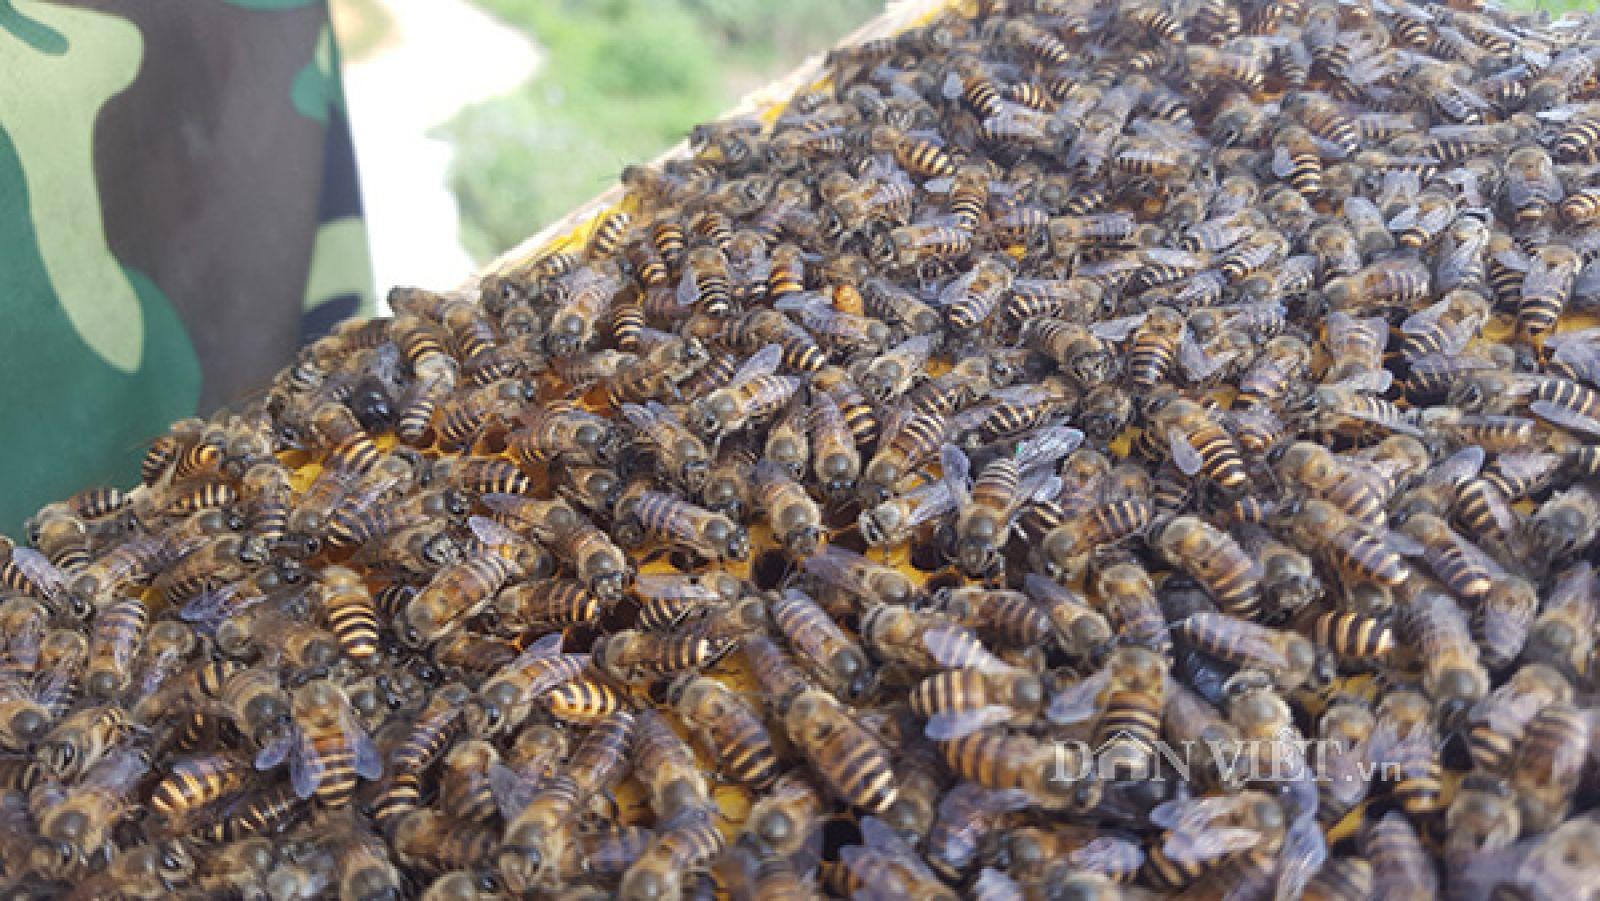 Do thường xuyên thay ong chúa nên đàn ong của trại nuôi anh Cường luôn khỏe mạnh và phát triển tốt.